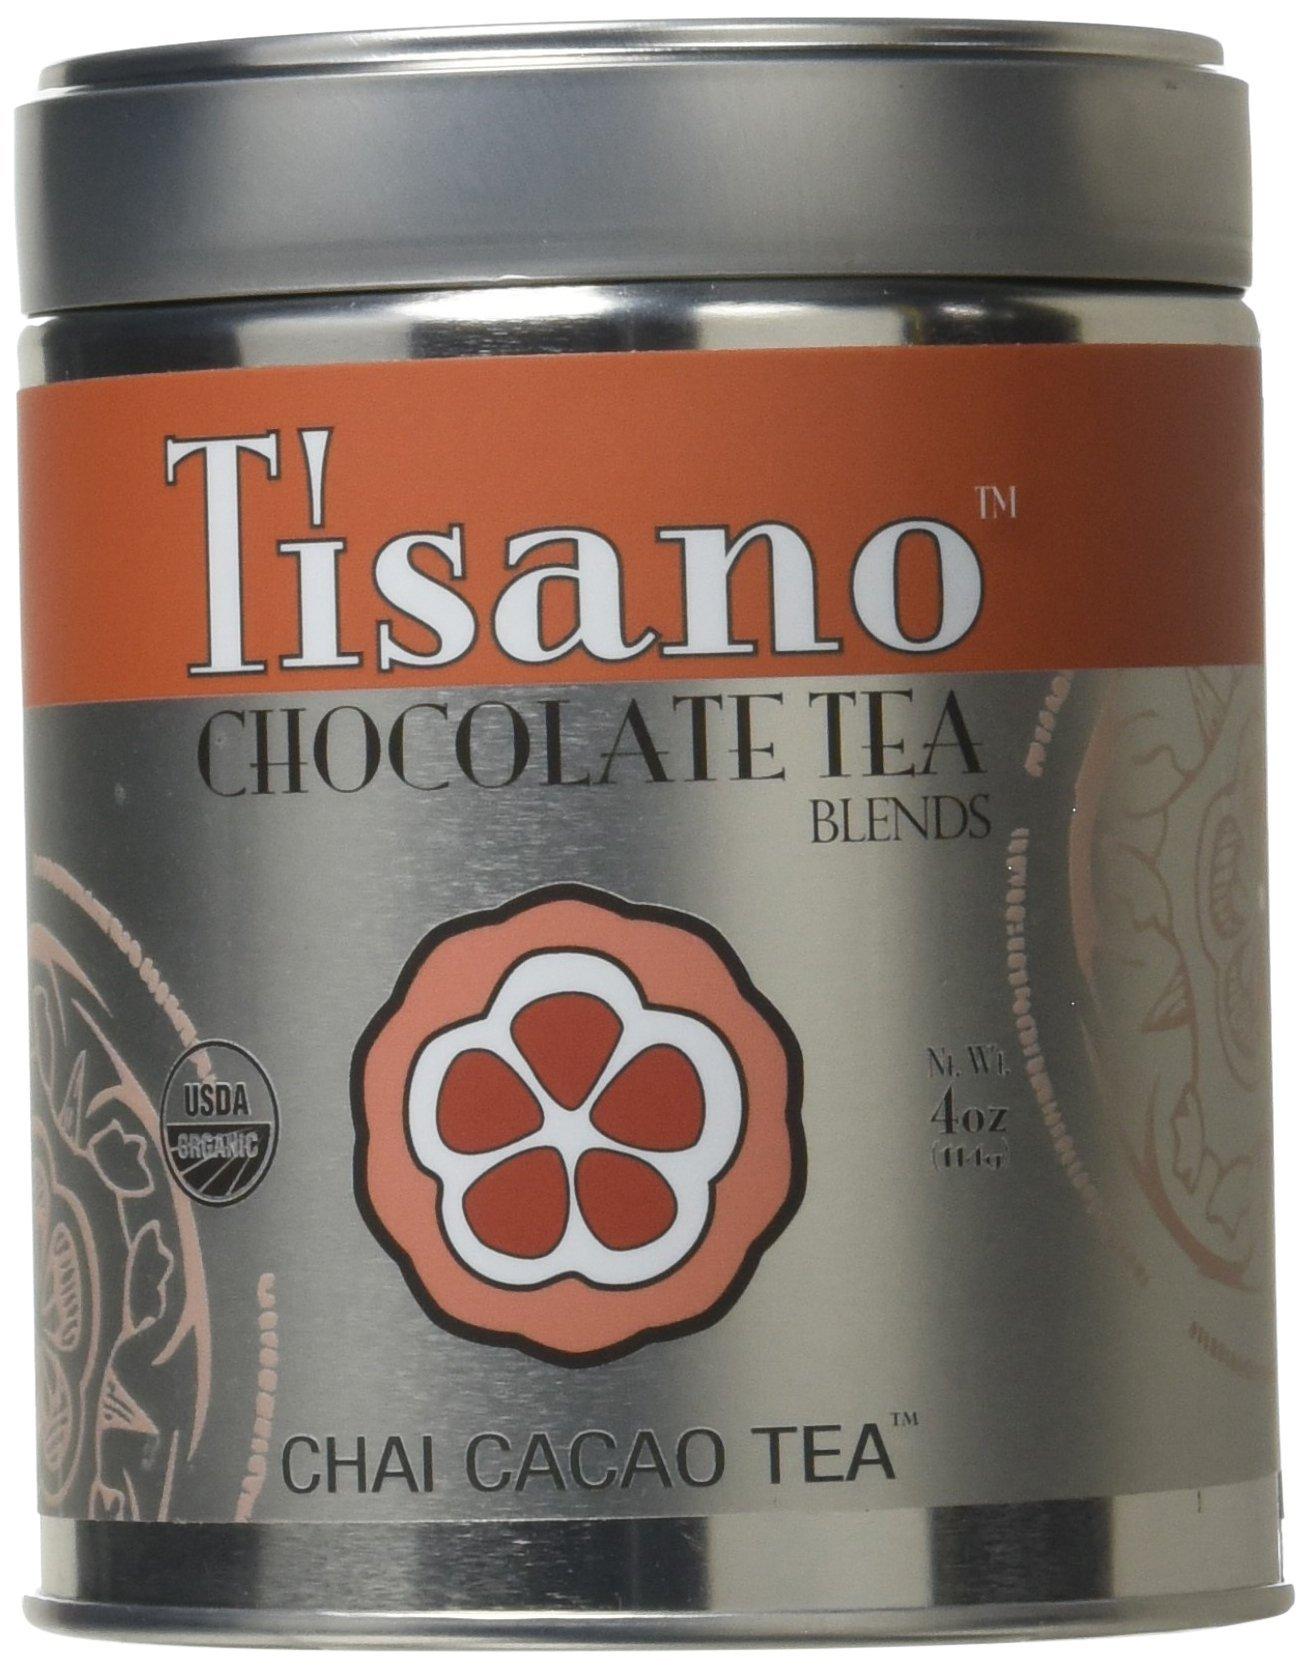 Tisano Organic Chai Spice Cacao Tea - Loose Leaf - 04oz